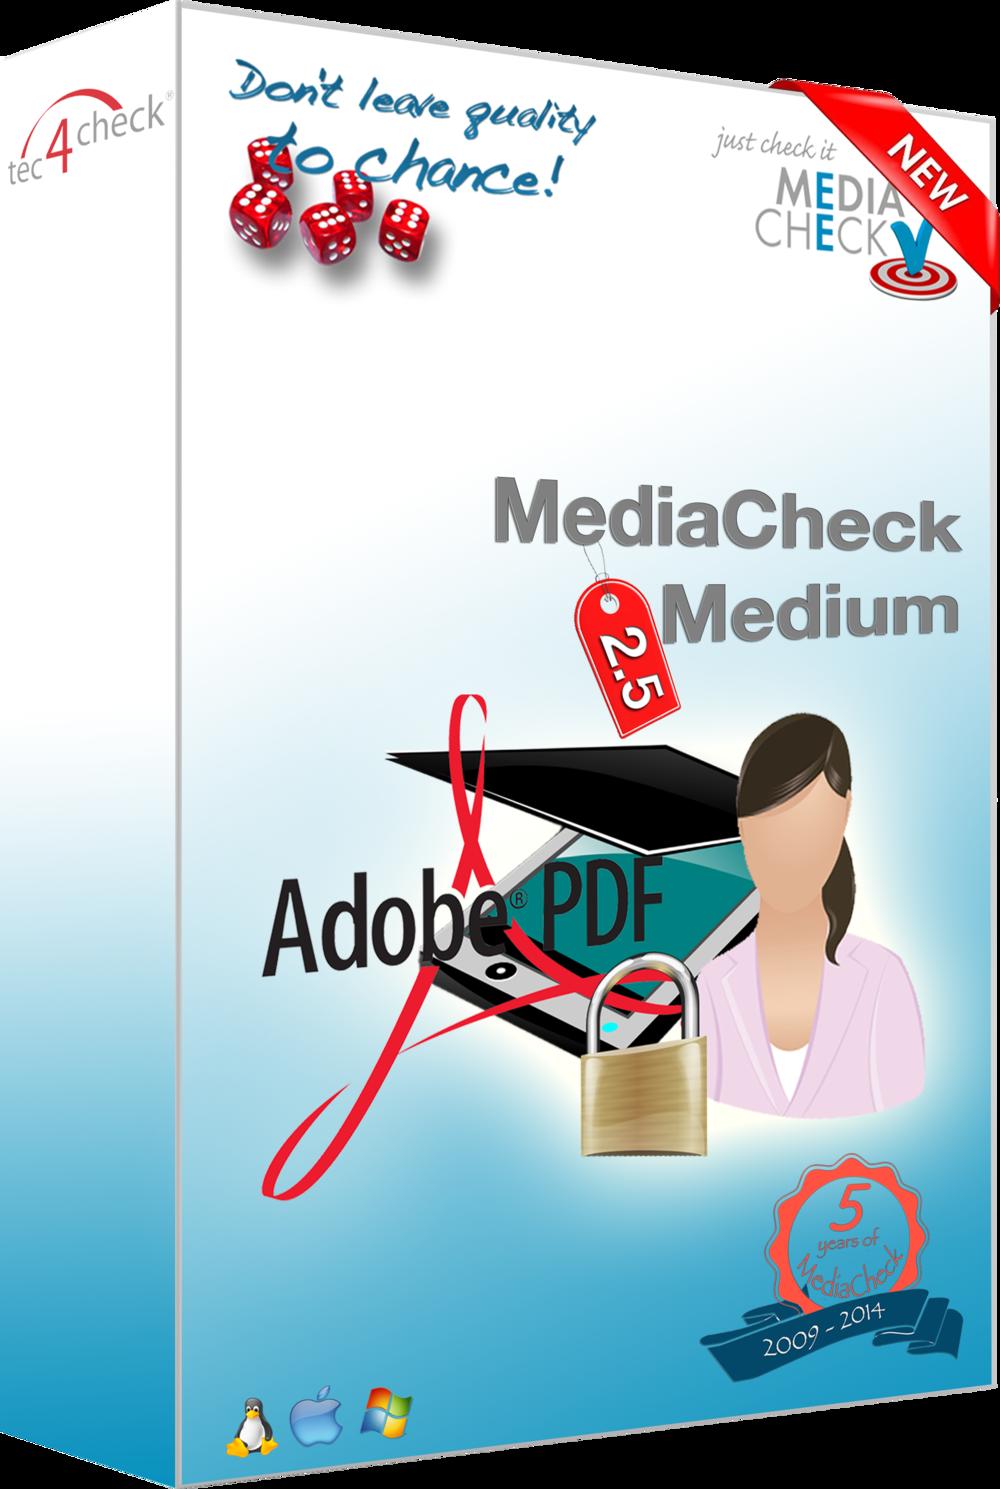 MediaCheck Medium